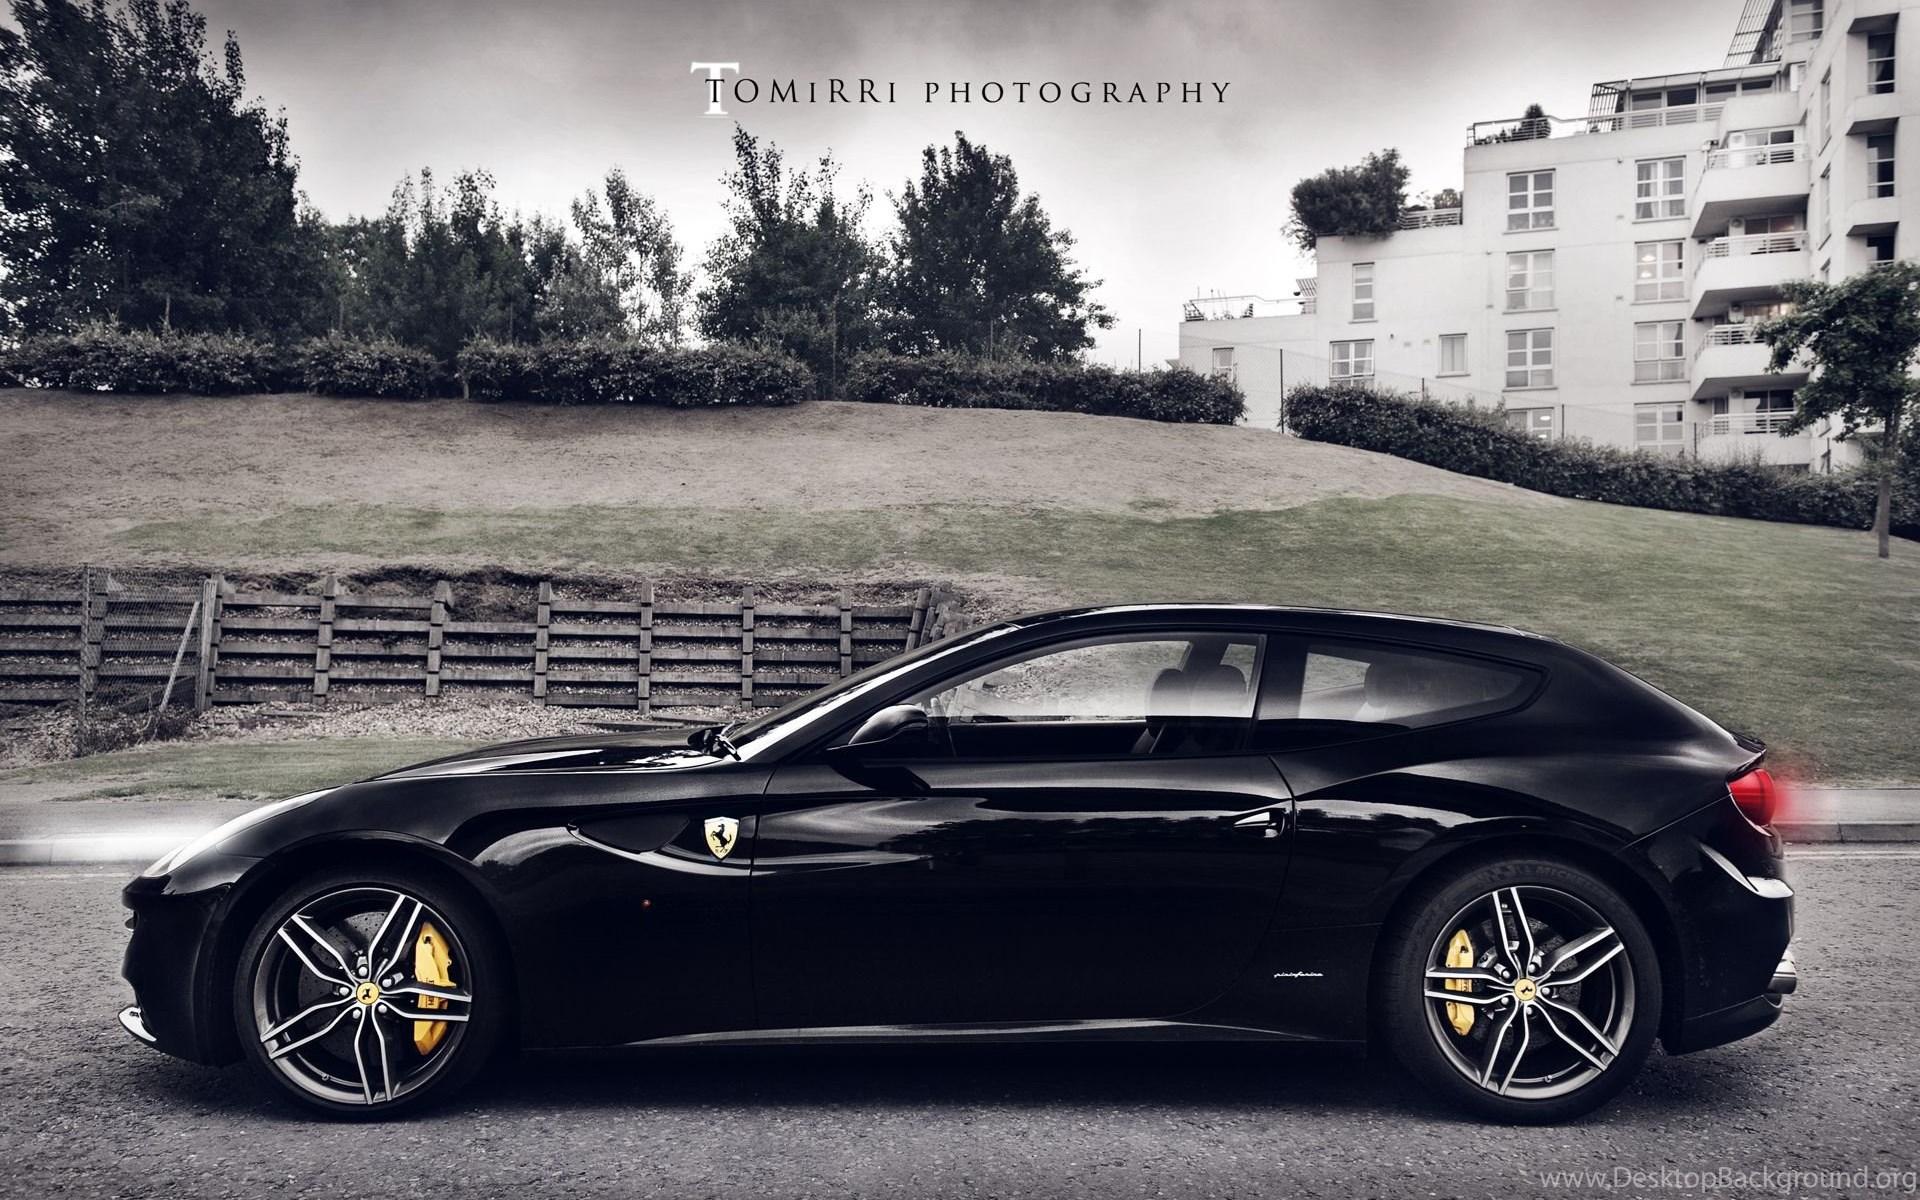 Black Ferrari Ff Wallpaper 1 Jpg Desktop Background